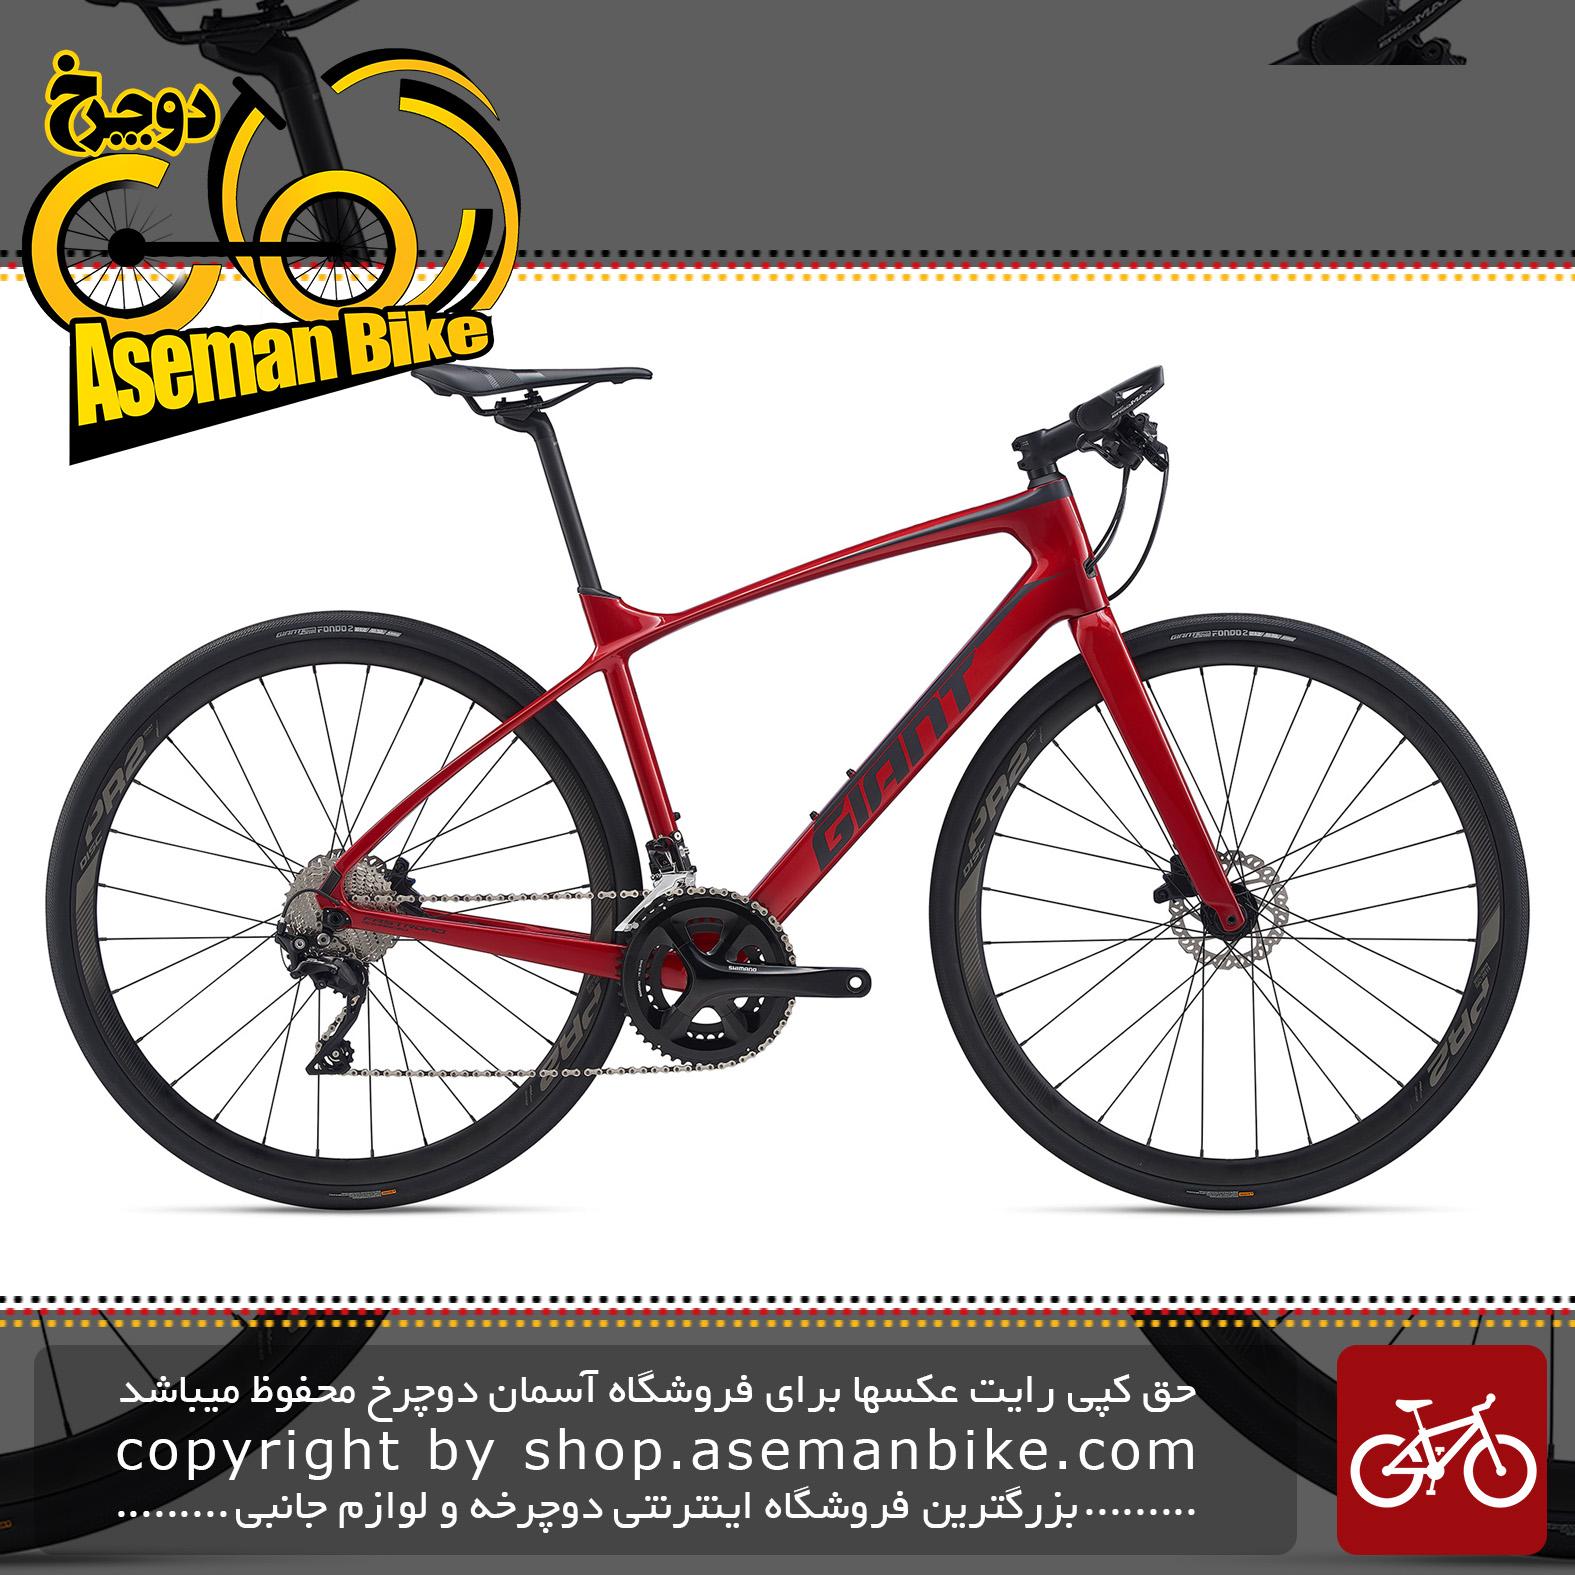 دوچرخه کوهستان جاینت مدل فست رود ادونس 1 2020 Giant Mountain Bicycle FastRoad Advanced 1 2020